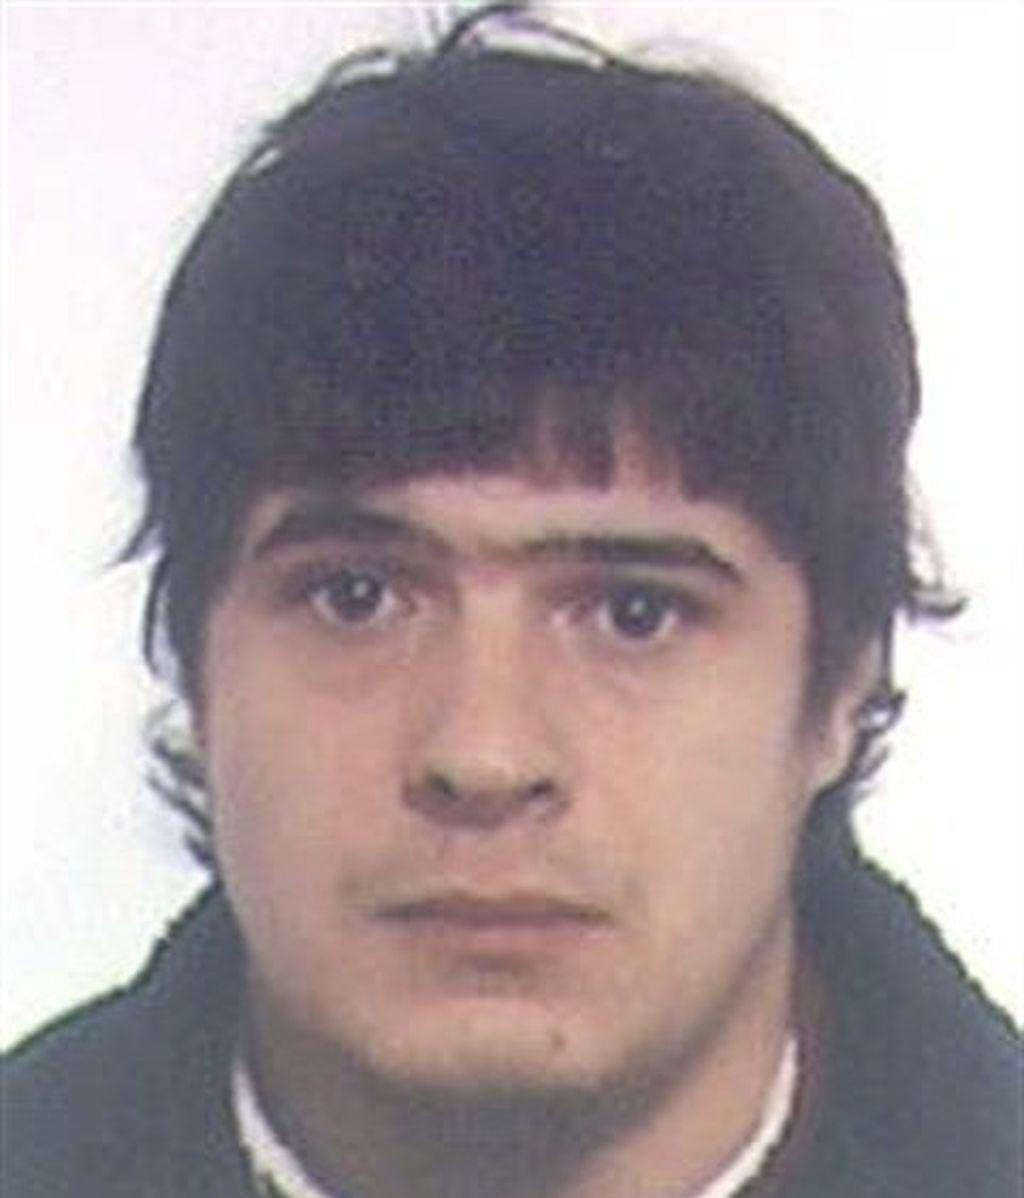 El etarra Alejandro Zobarán, jefe militar de la banda en 2011, sale de prisión tras seis años de condena